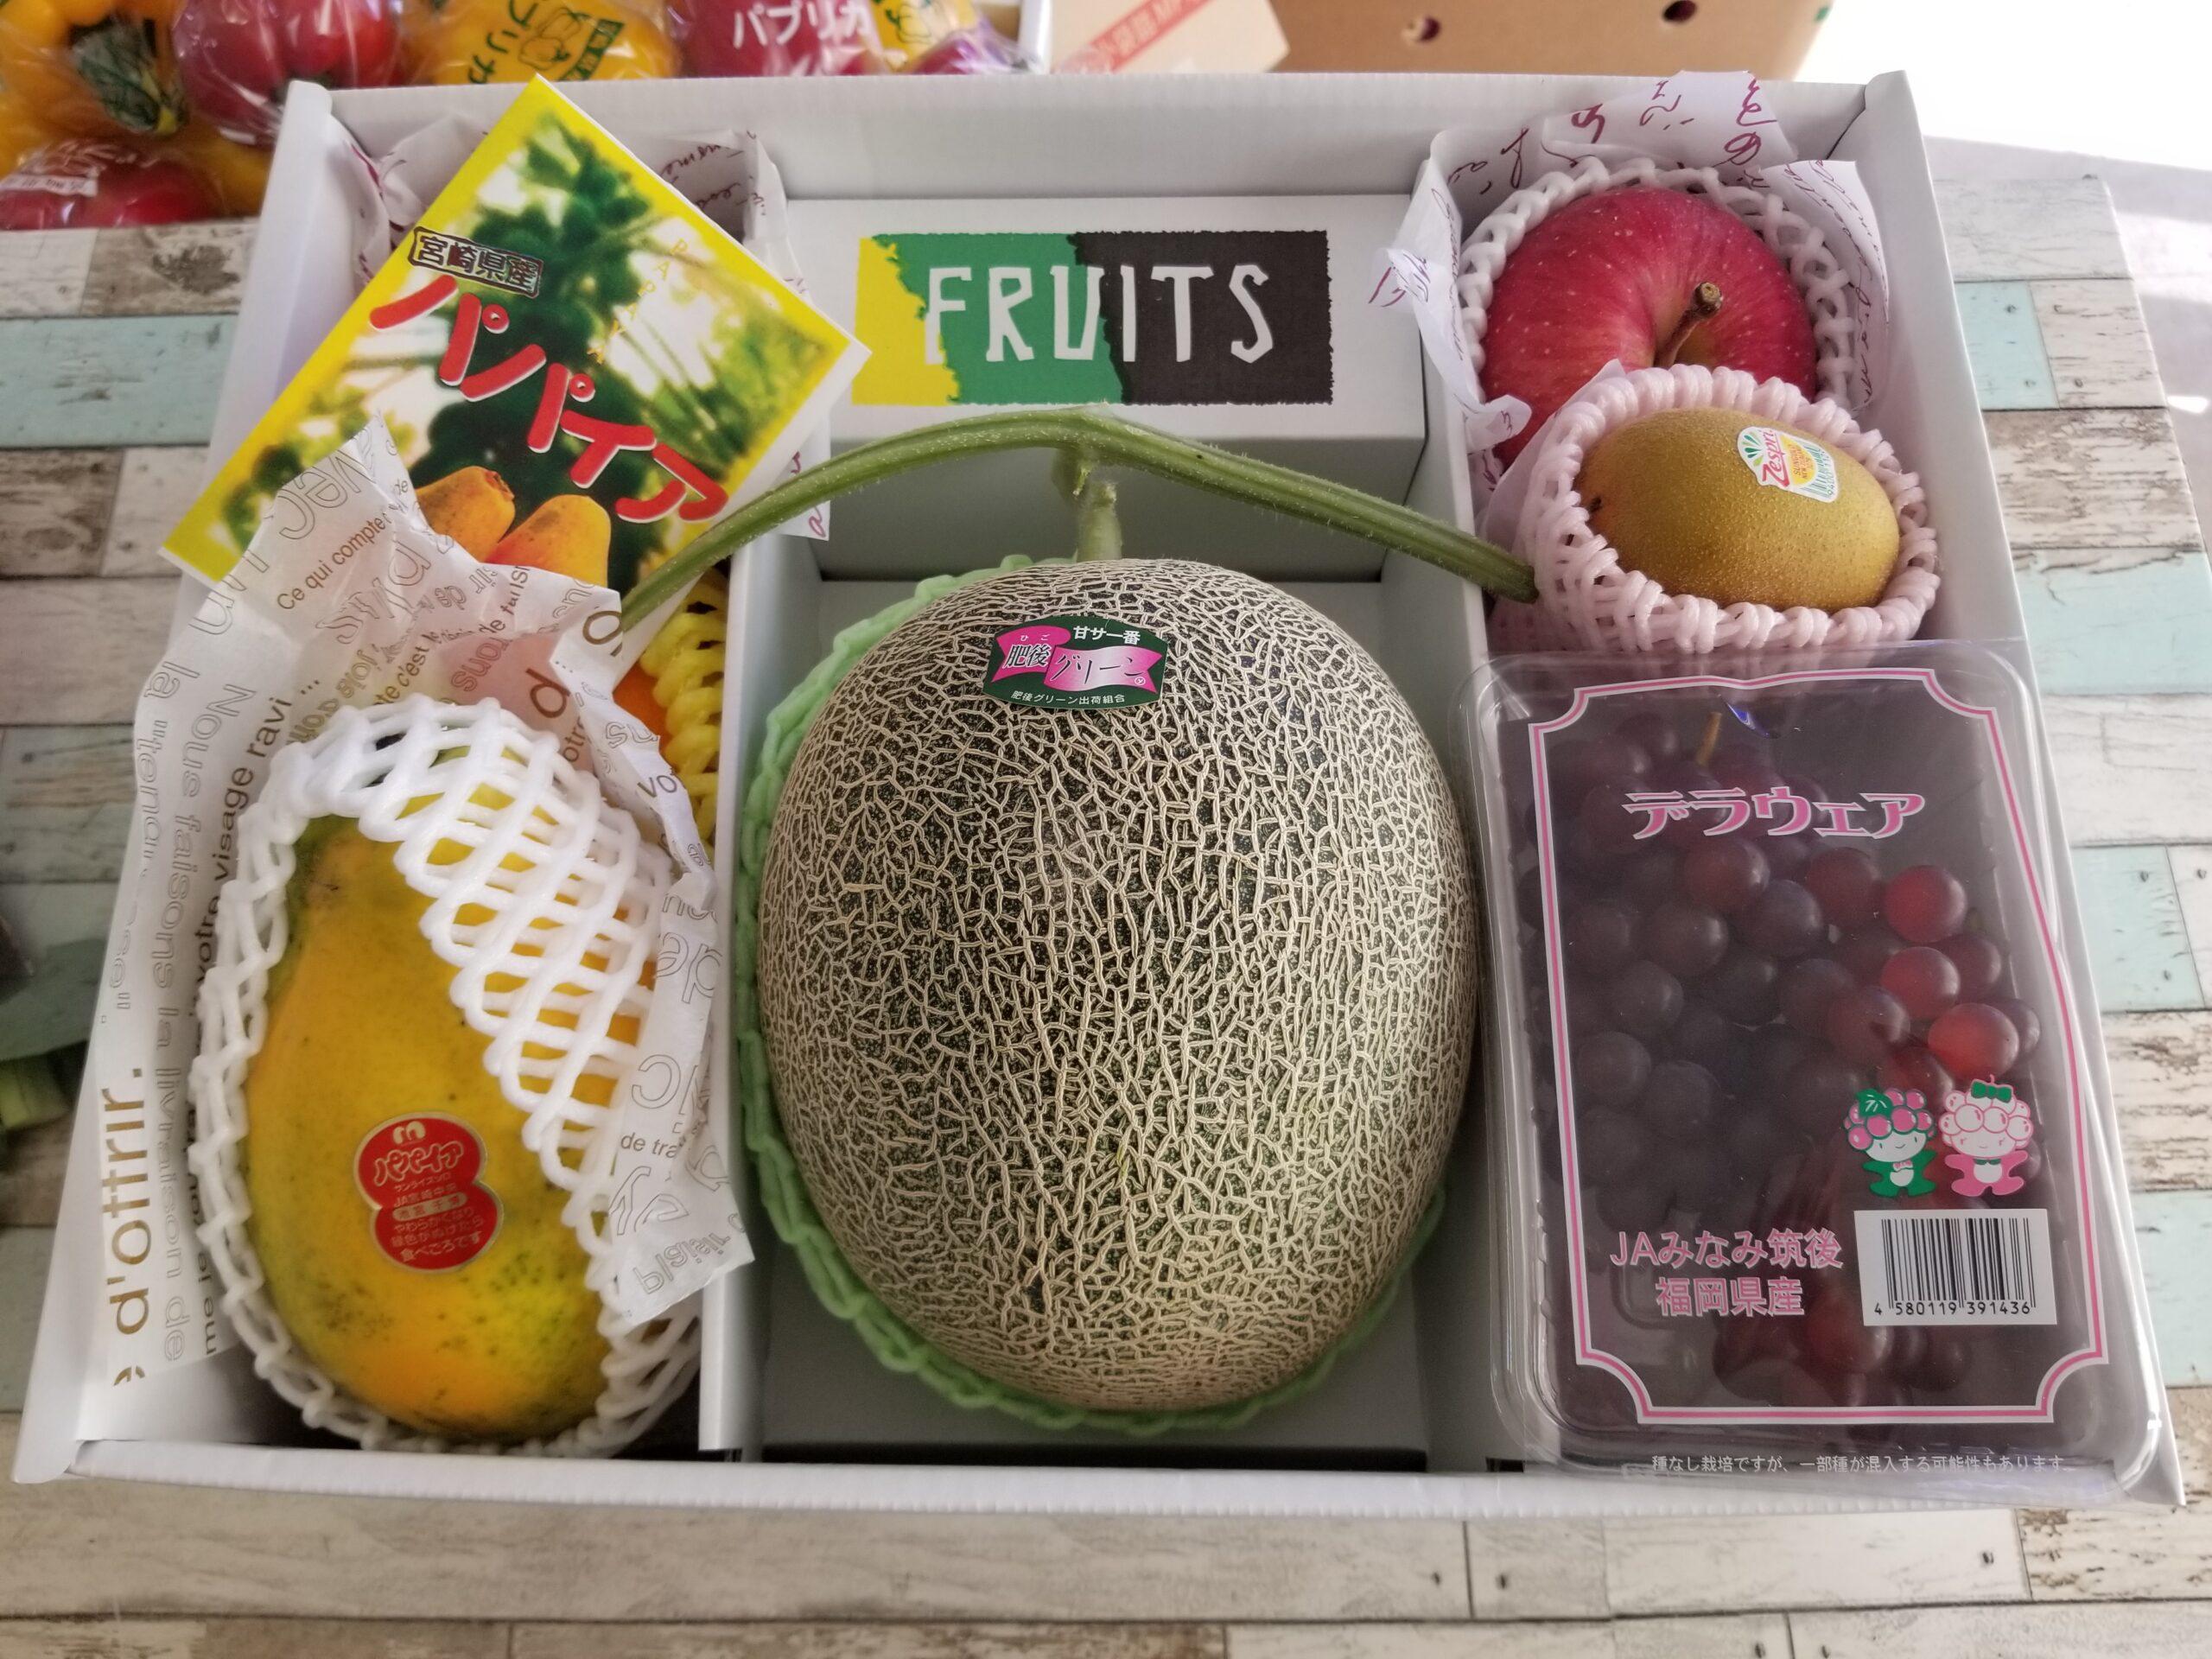 旬の詰め合わせ 肥後グリ-ンメロン、デラウエア、パパイヤ、清美オレンジ、りんご